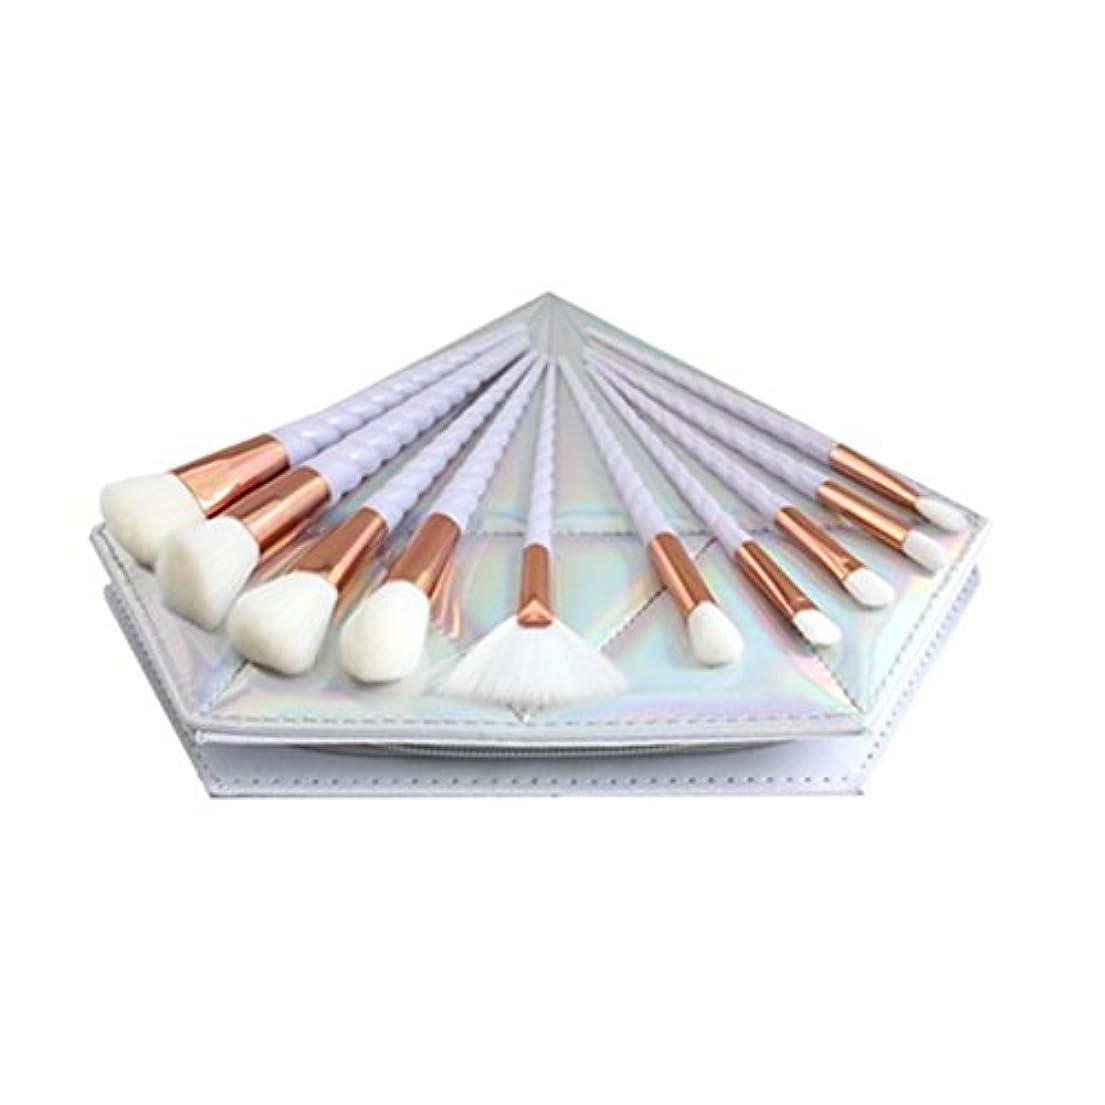 ペレット応じる矢Dilla Beauty 10本セットユニコーンデザインプラスチックハンドル形状メイクブラシセット合成毛ファンデーションブラシアイシャドーブラッシャー美容ツール美しい化粧品のバッグを送る (白い柄 - 白い髪)